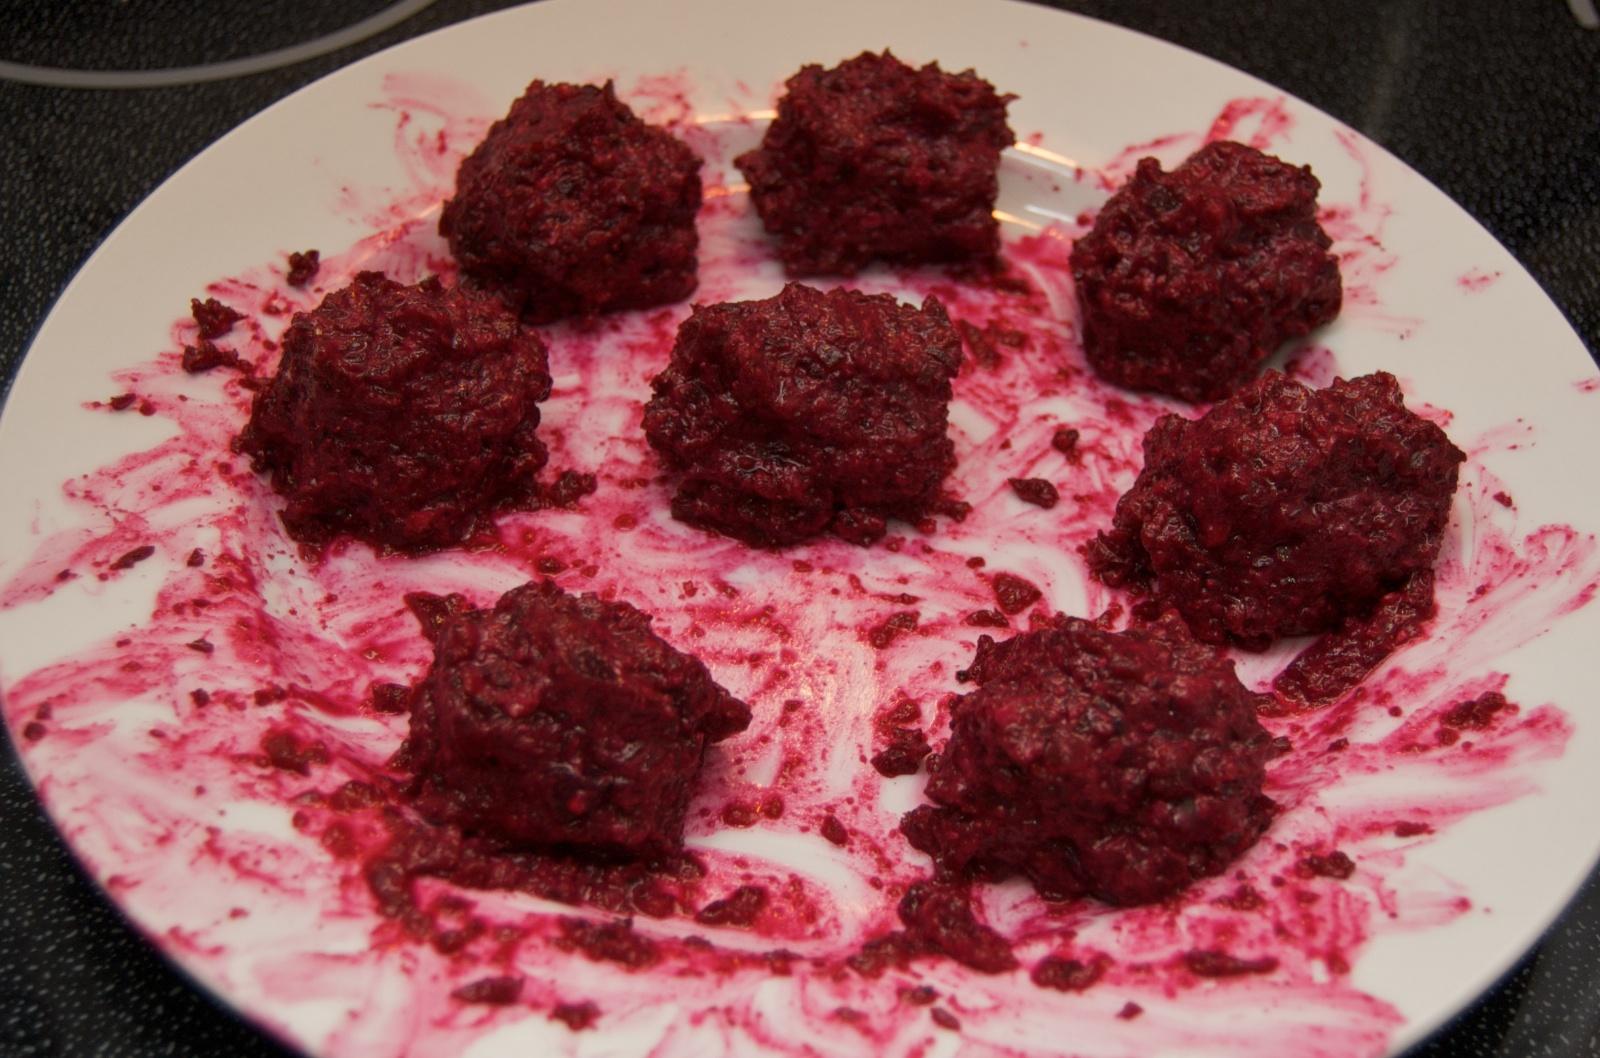 http://blog.rickk.com/food/2010/06/26/beetballs3.jpg